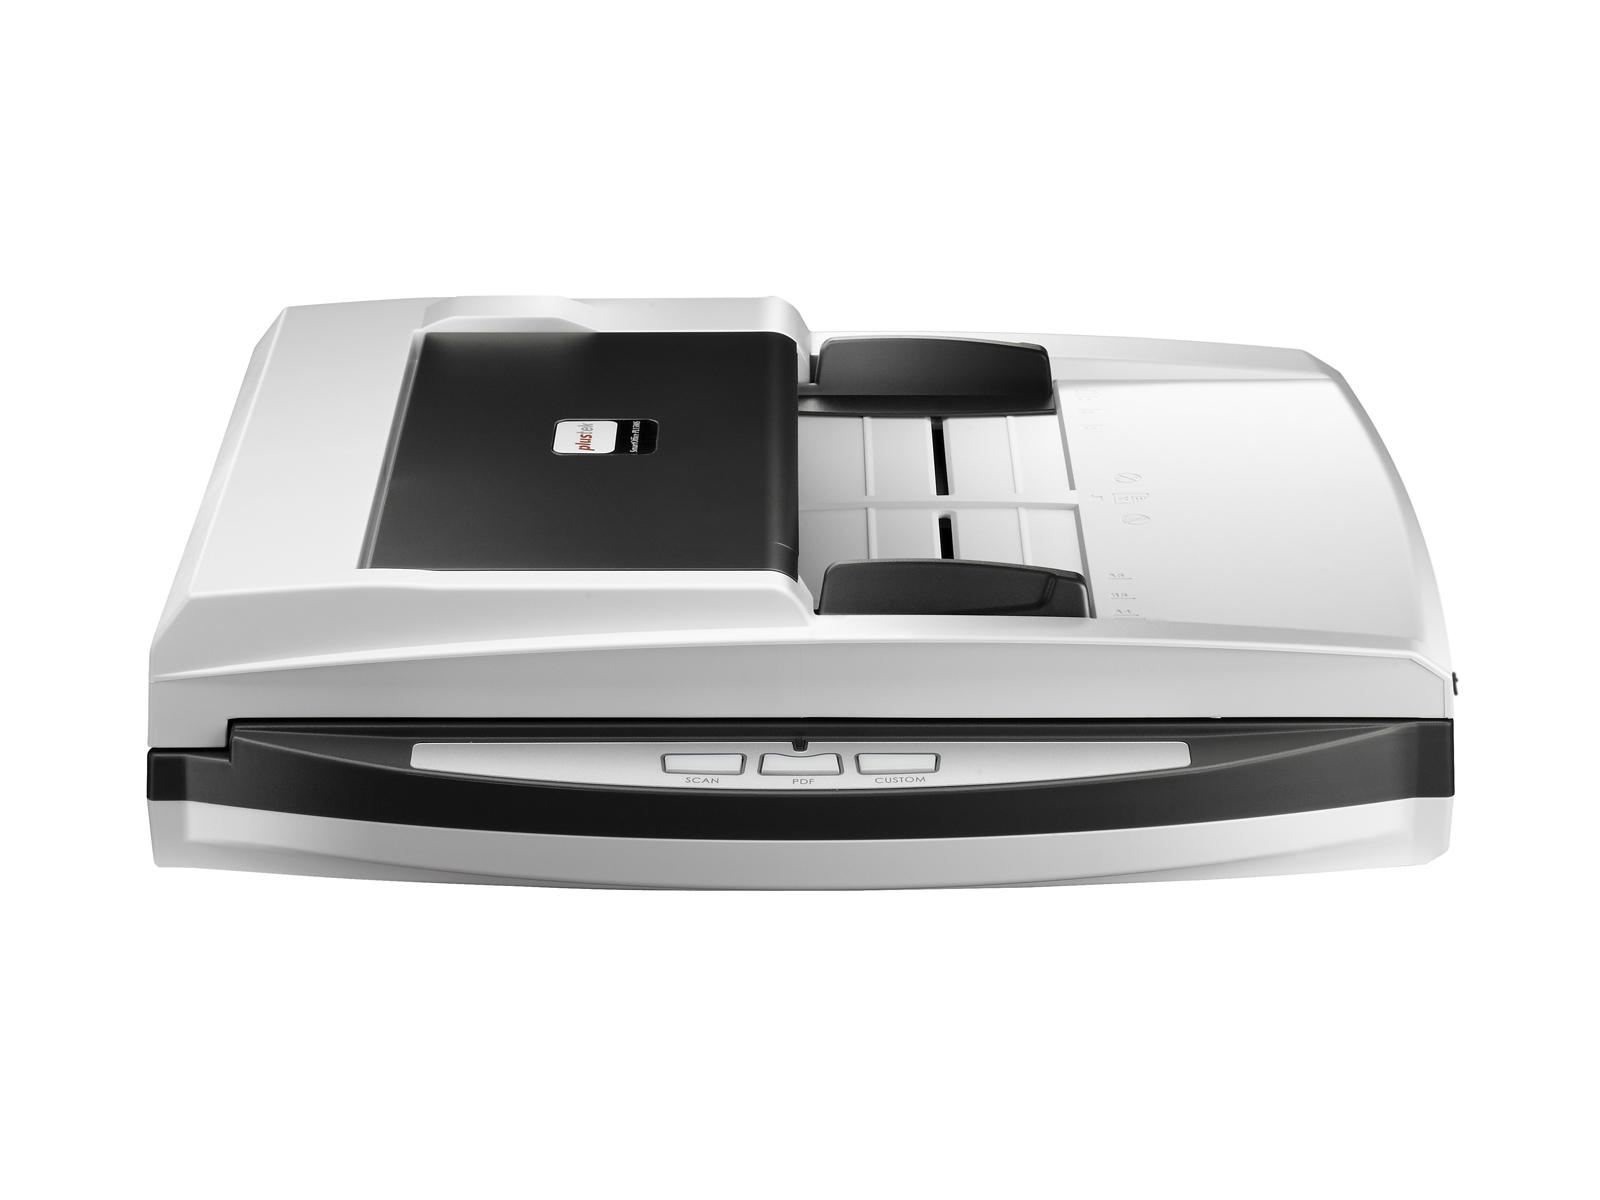 Plustek SmartOffice PN2040 Flachbettscanner 600 x 600DPI A4 Schwarz - Weiß